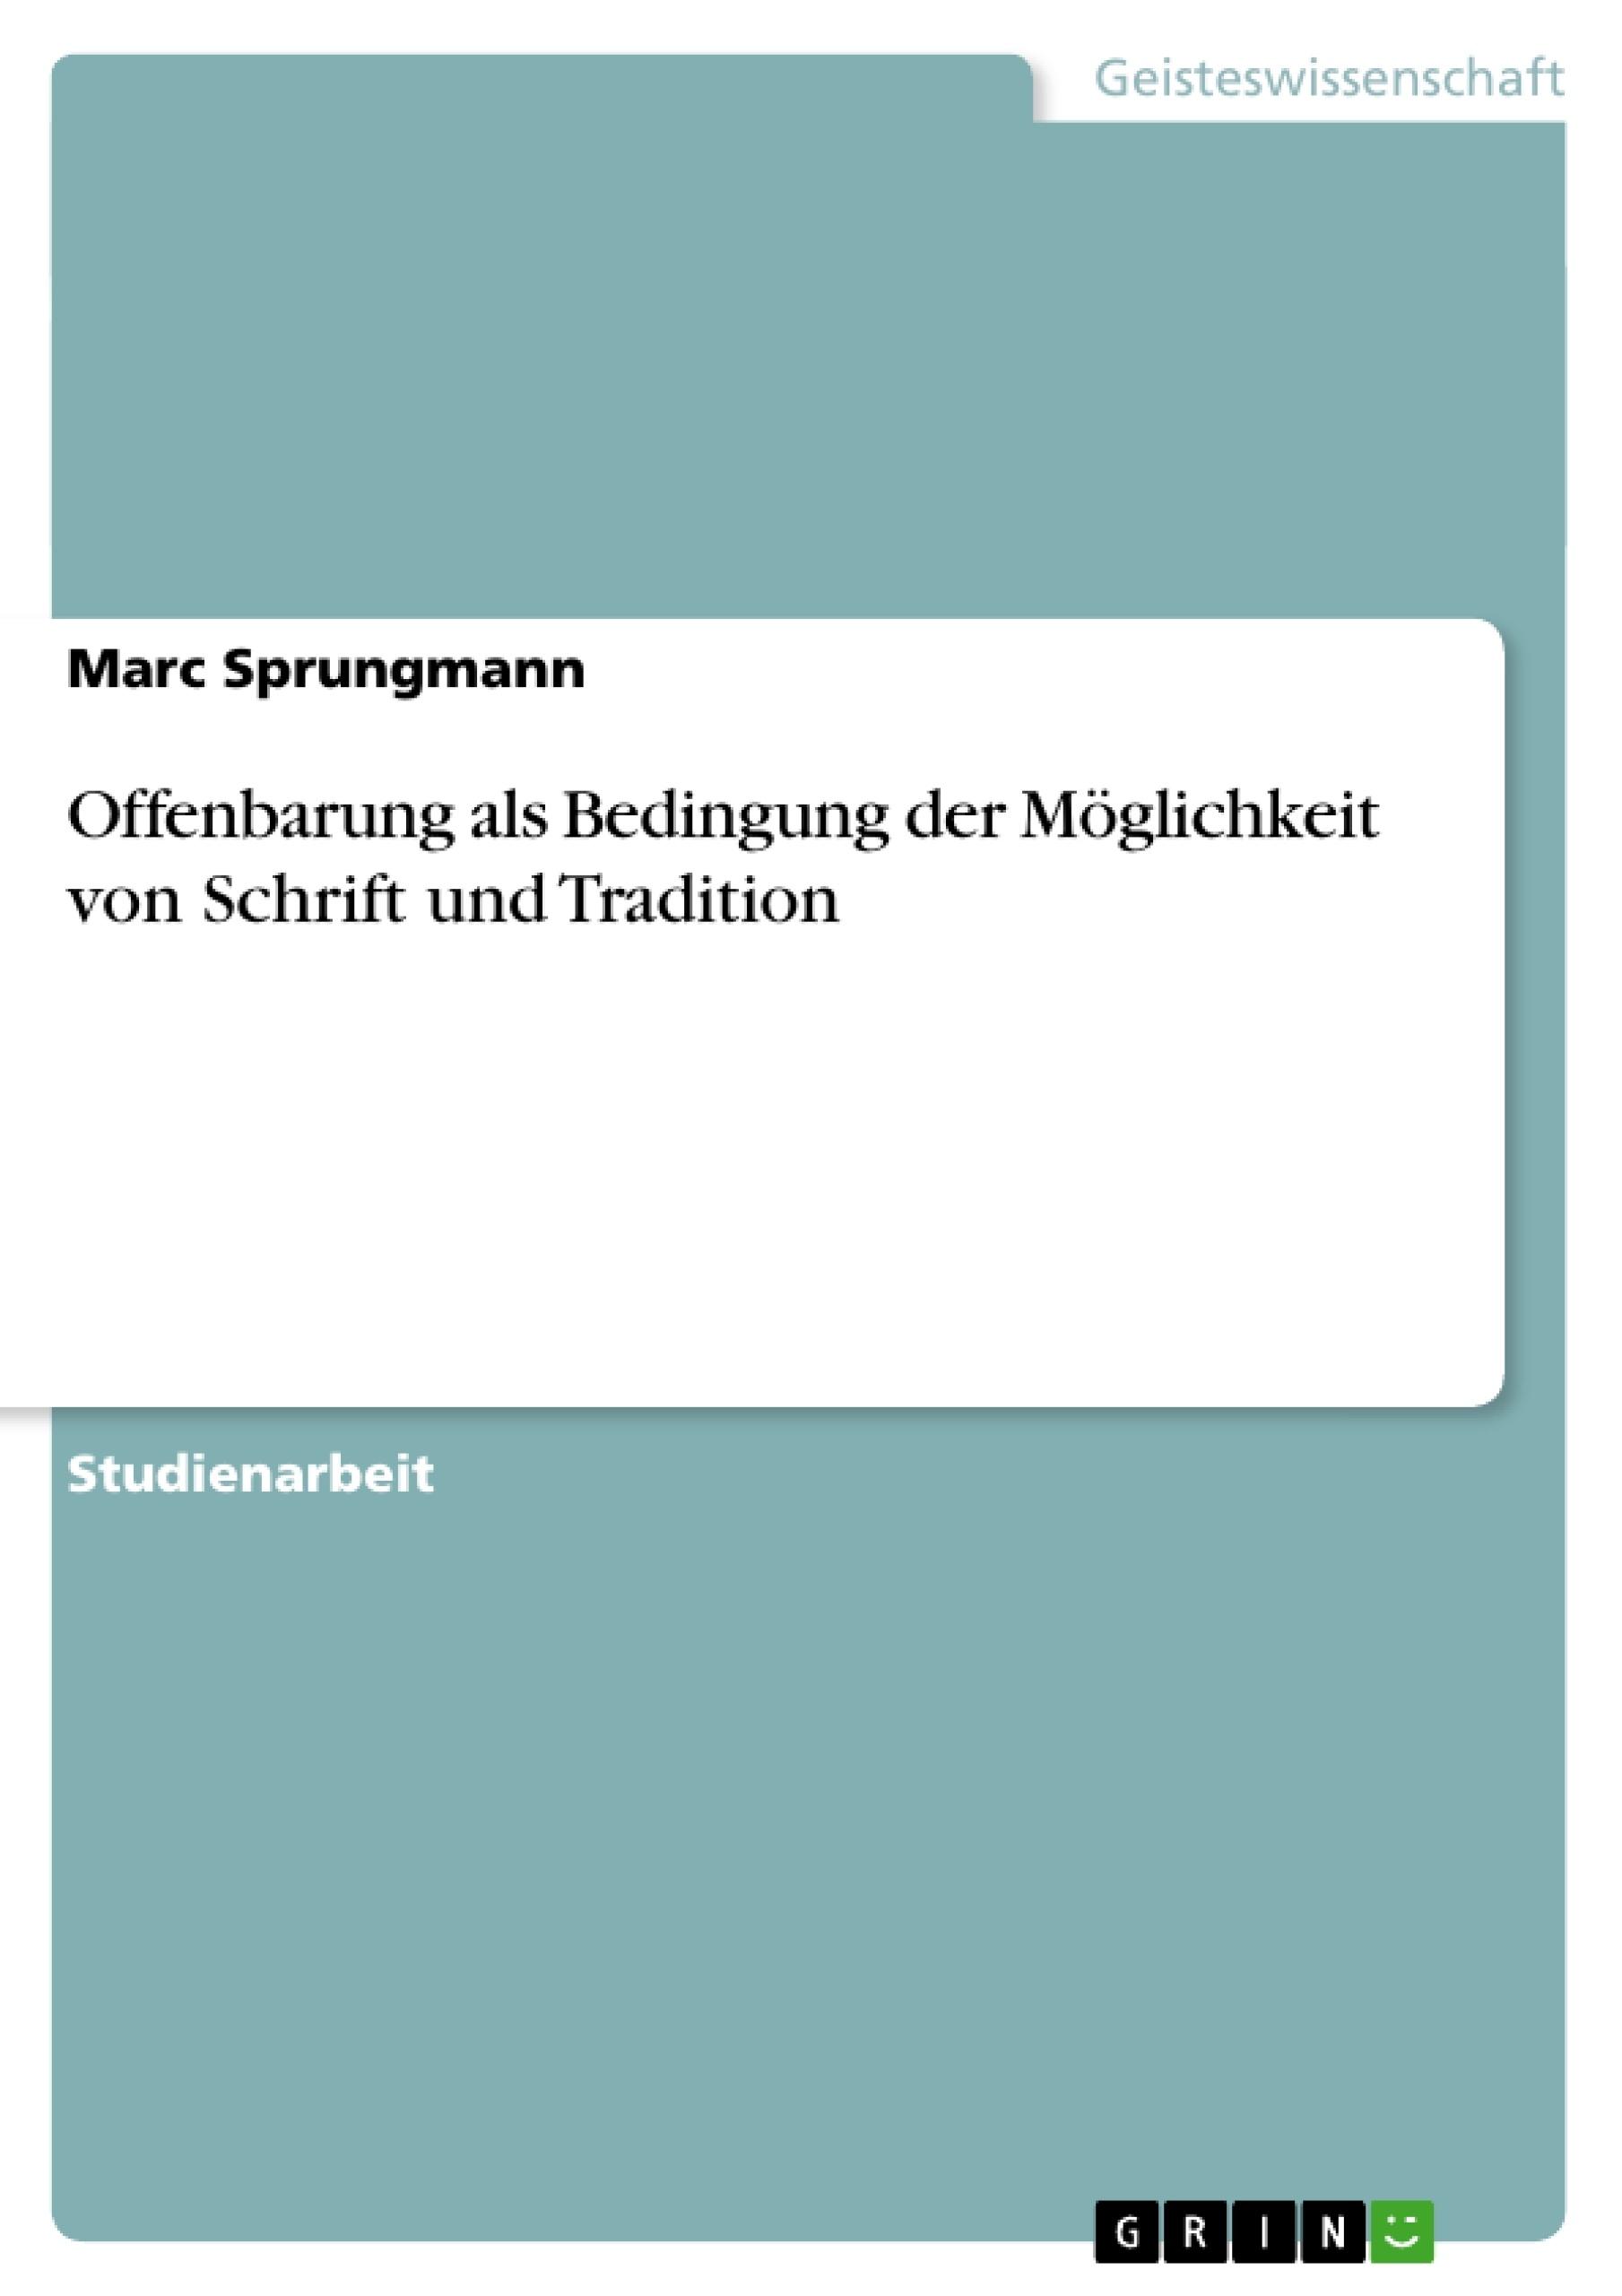 Titel: Offenbarung als Bedingung der Möglichkeit von Schrift und Tradition